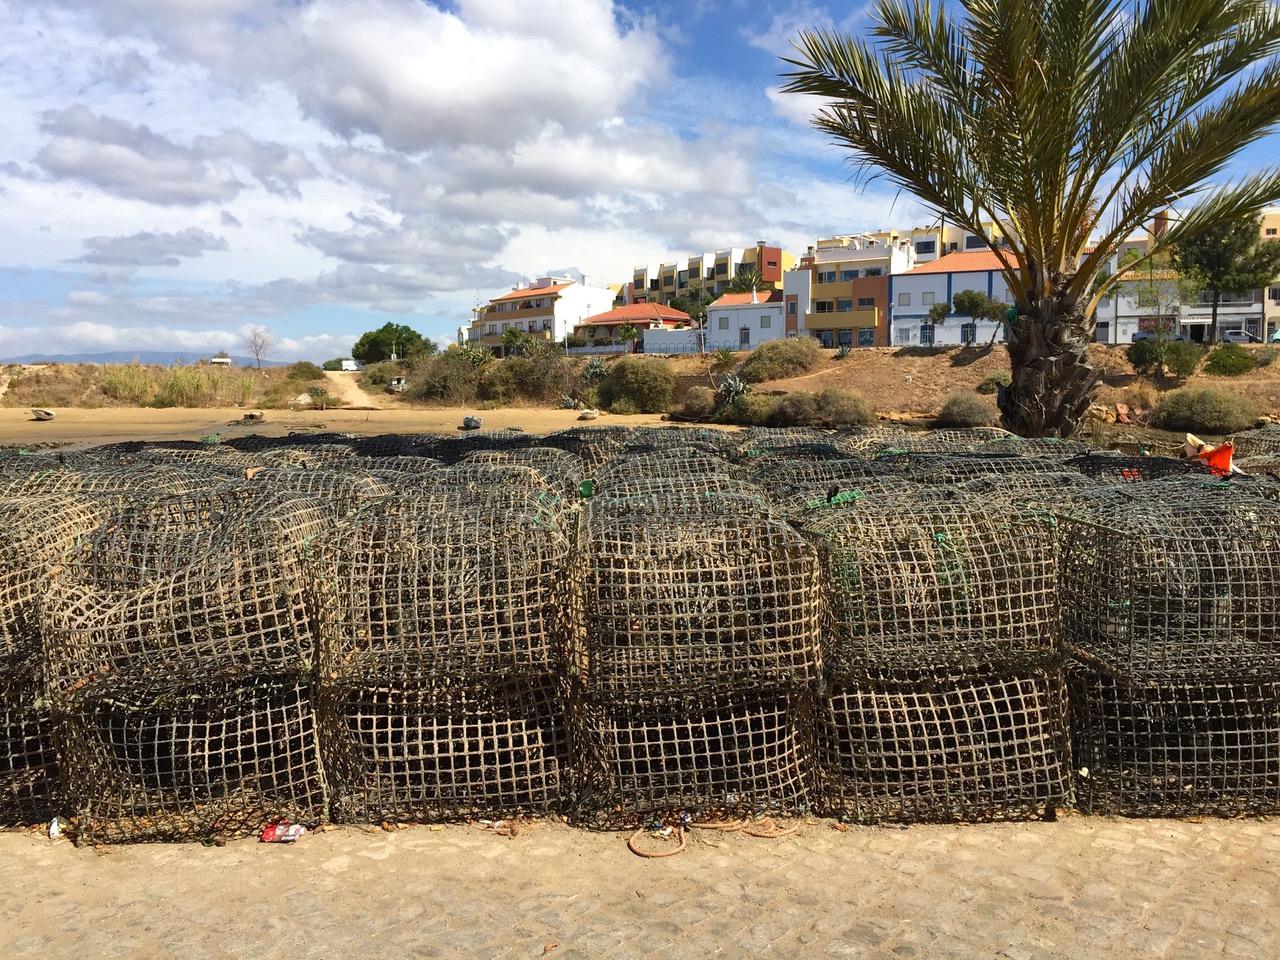 Ferragudo harbor, fishing village in Algarve, Portugal